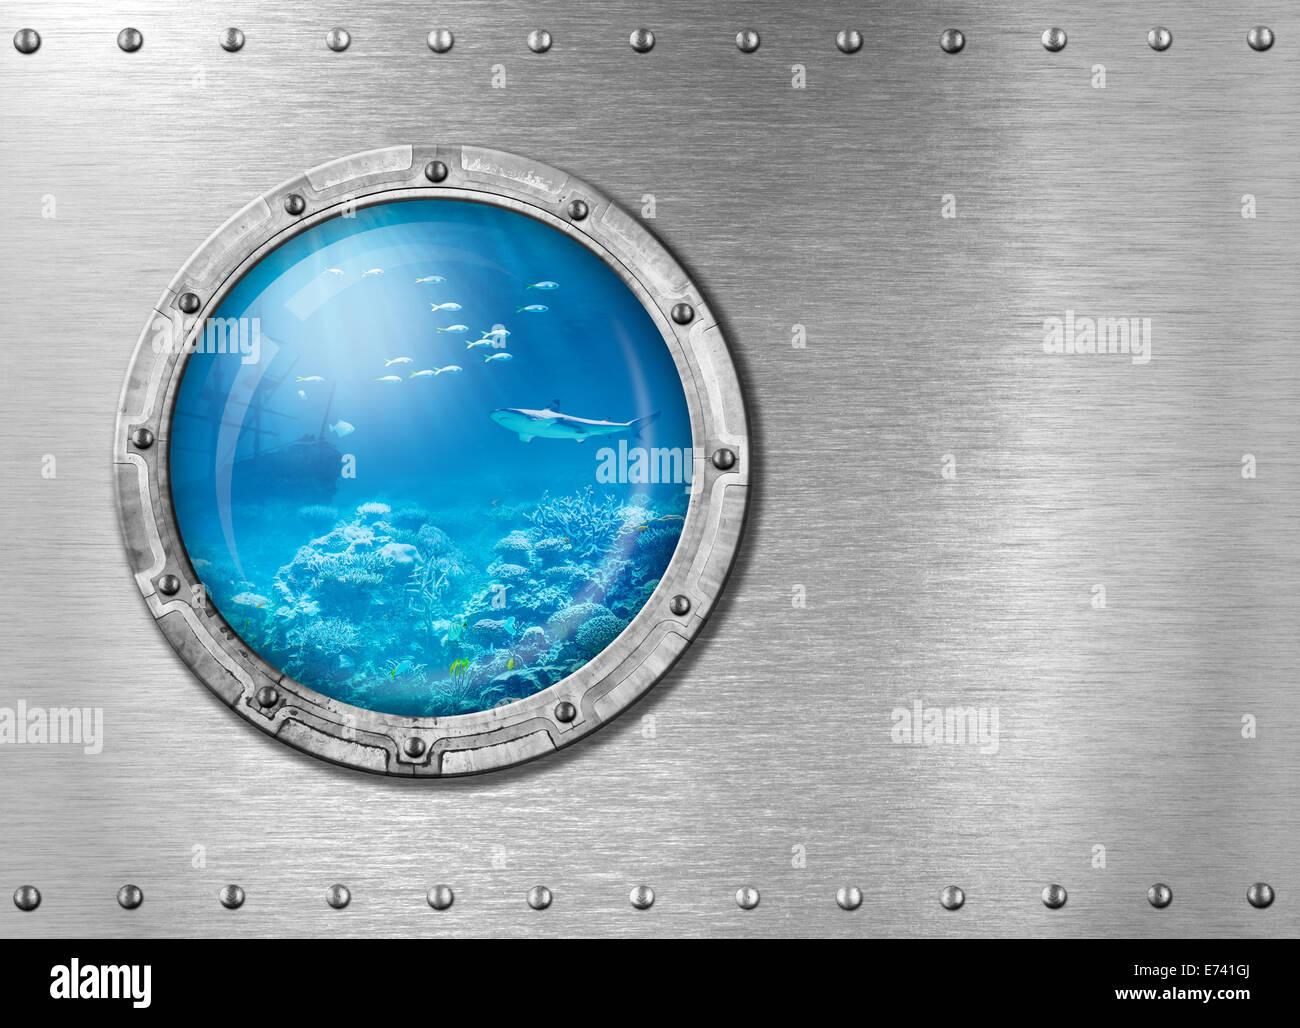 Submarino submarino portillas de metal Imagen De Stock